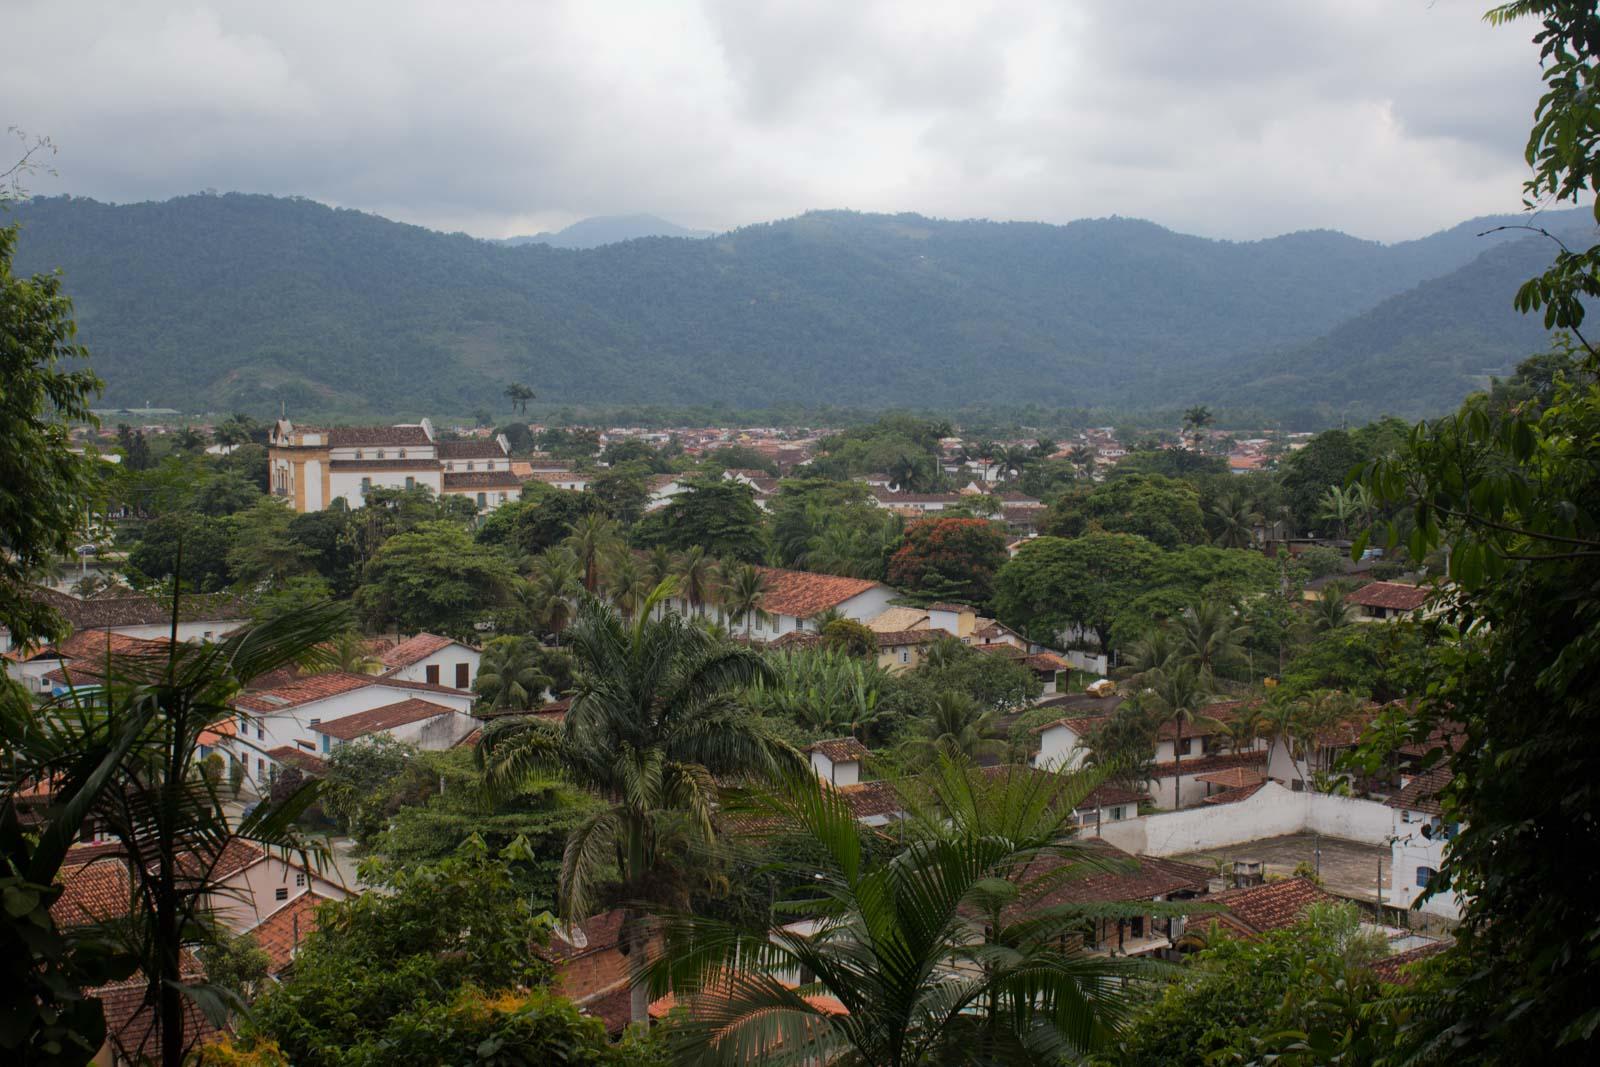 Visiting Paraty, Brazil